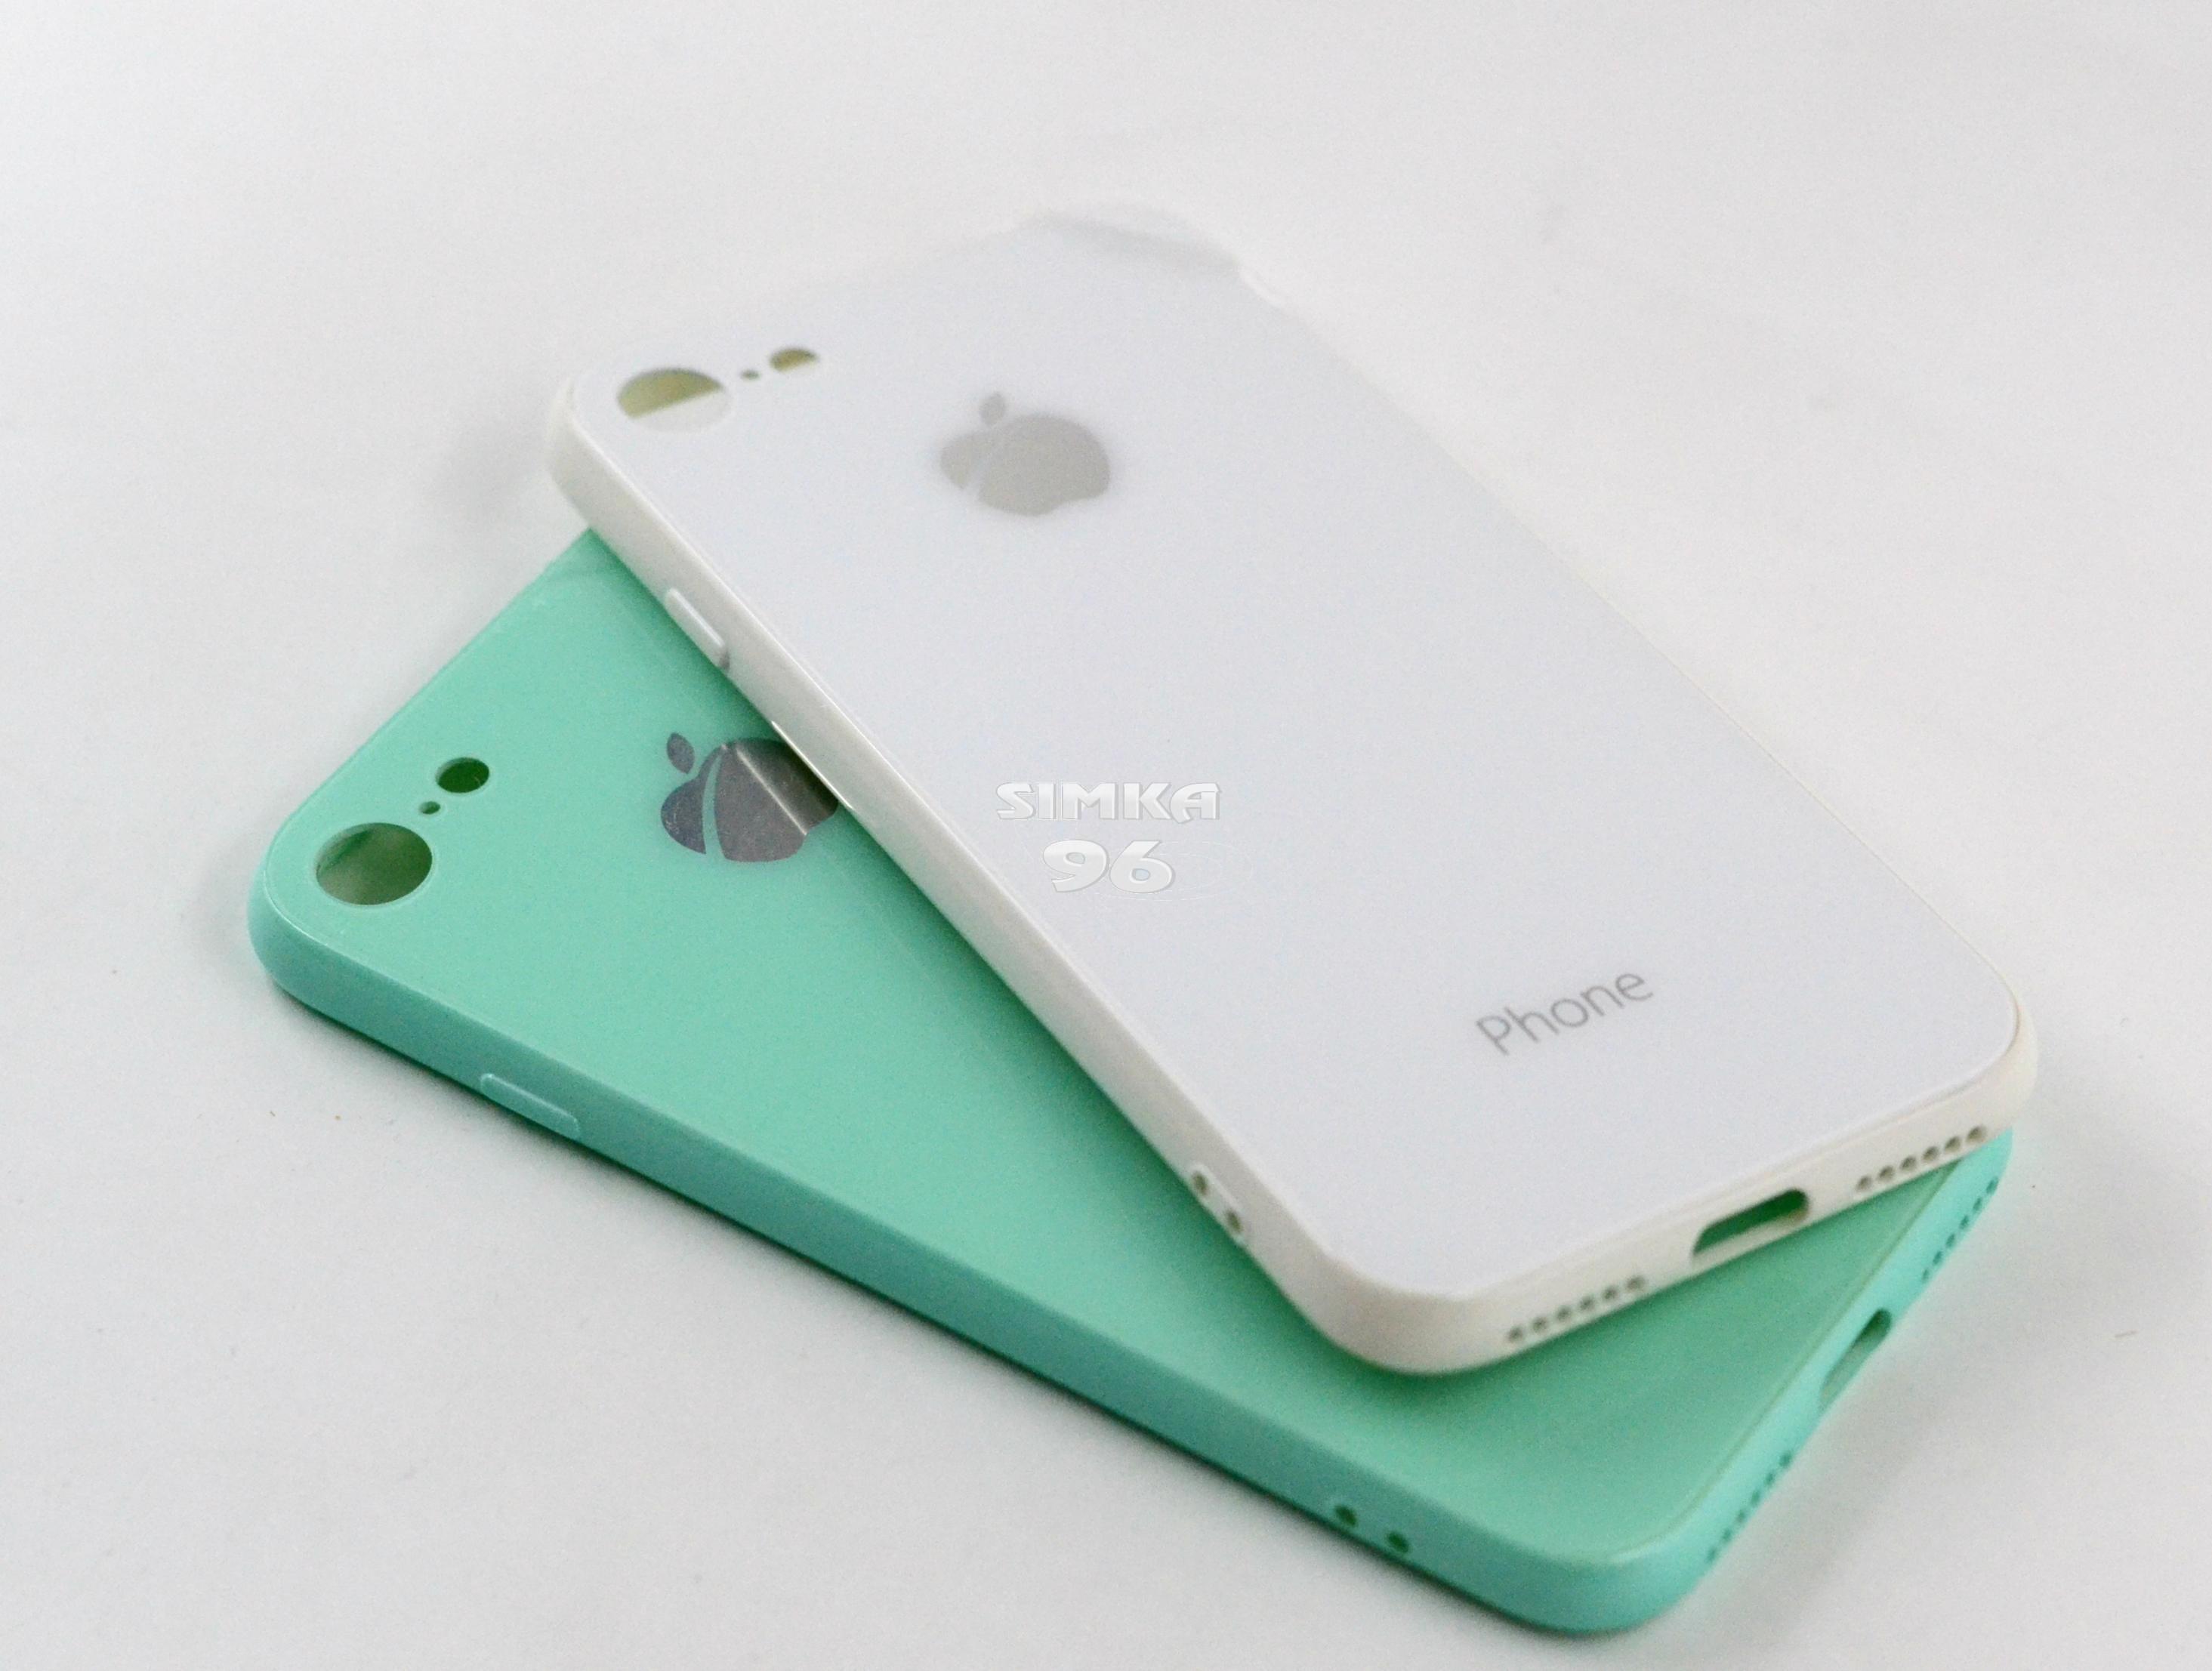 Чехол задник для iPhone 7 гель лакированный